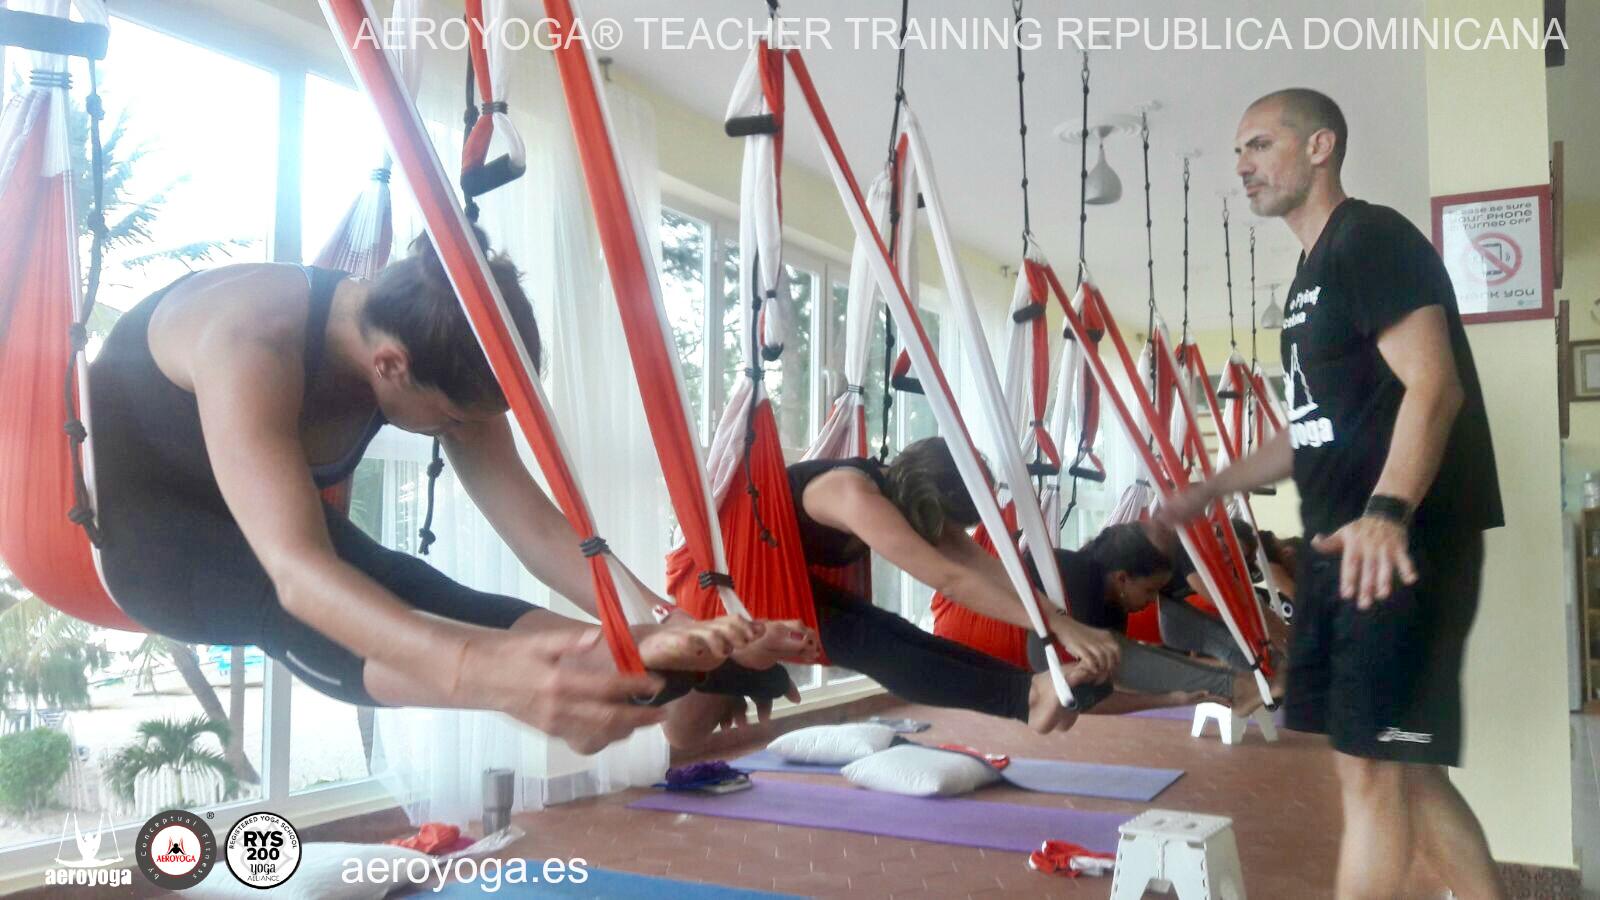 AeroYoga® Punta Cana; Iniciamos la 1a Formación Profesores Yoga y Pilates Aéreo República Dominicana